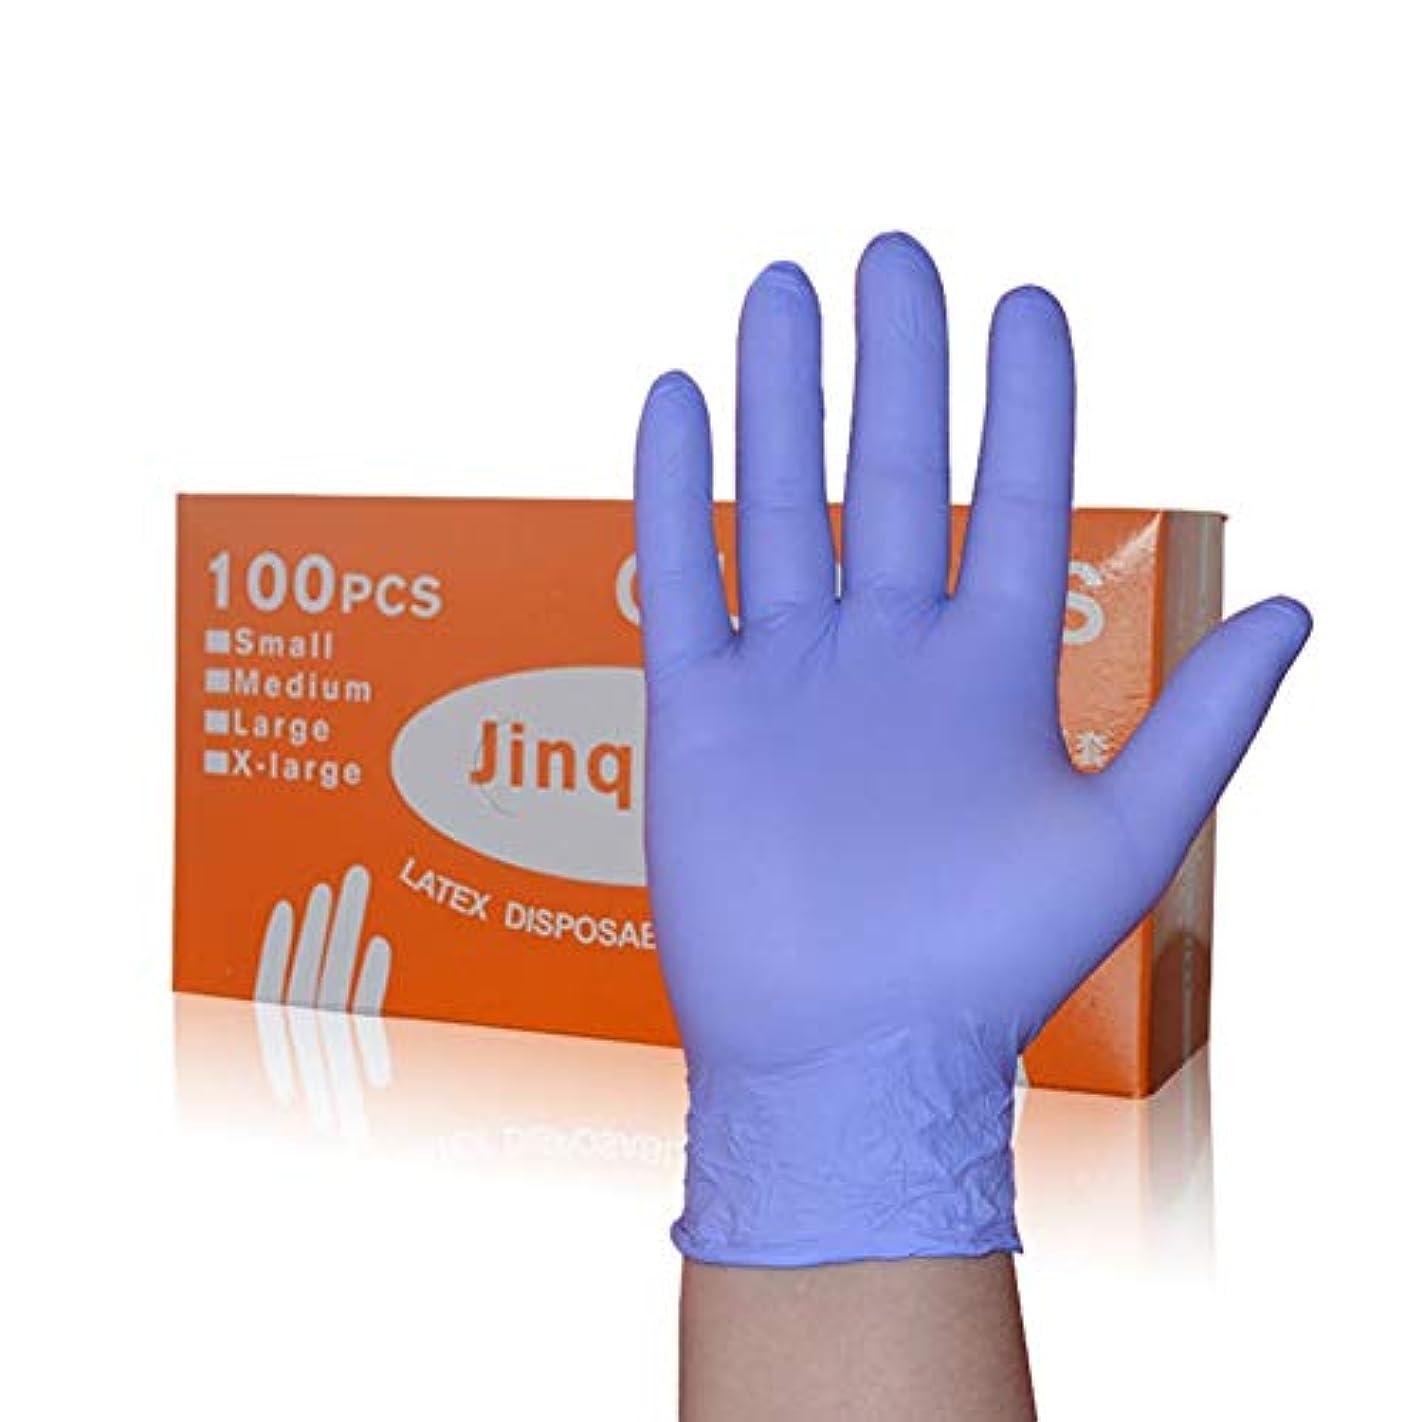 マットと闘うバット箱入りA級Dingqing使い捨て手袋食品キッチンケータリング家事歯科手袋 YANW (色 : 紫の, サイズ さいず : L l)